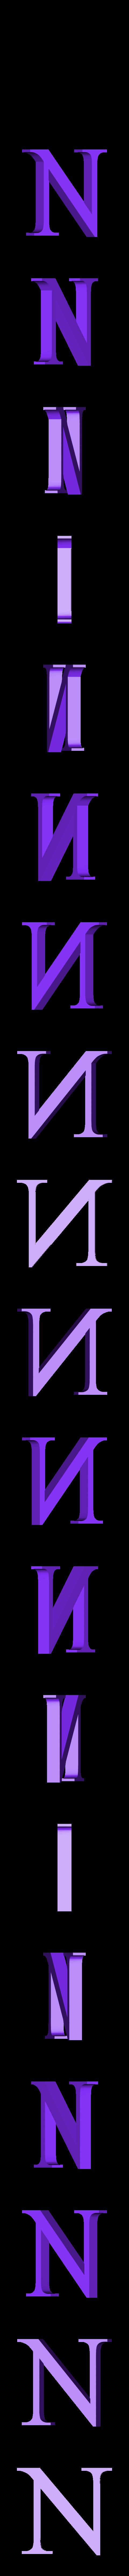 N.STL Télécharger fichier STL gratuit alphabet • Modèle pour imprimante 3D, Cerega